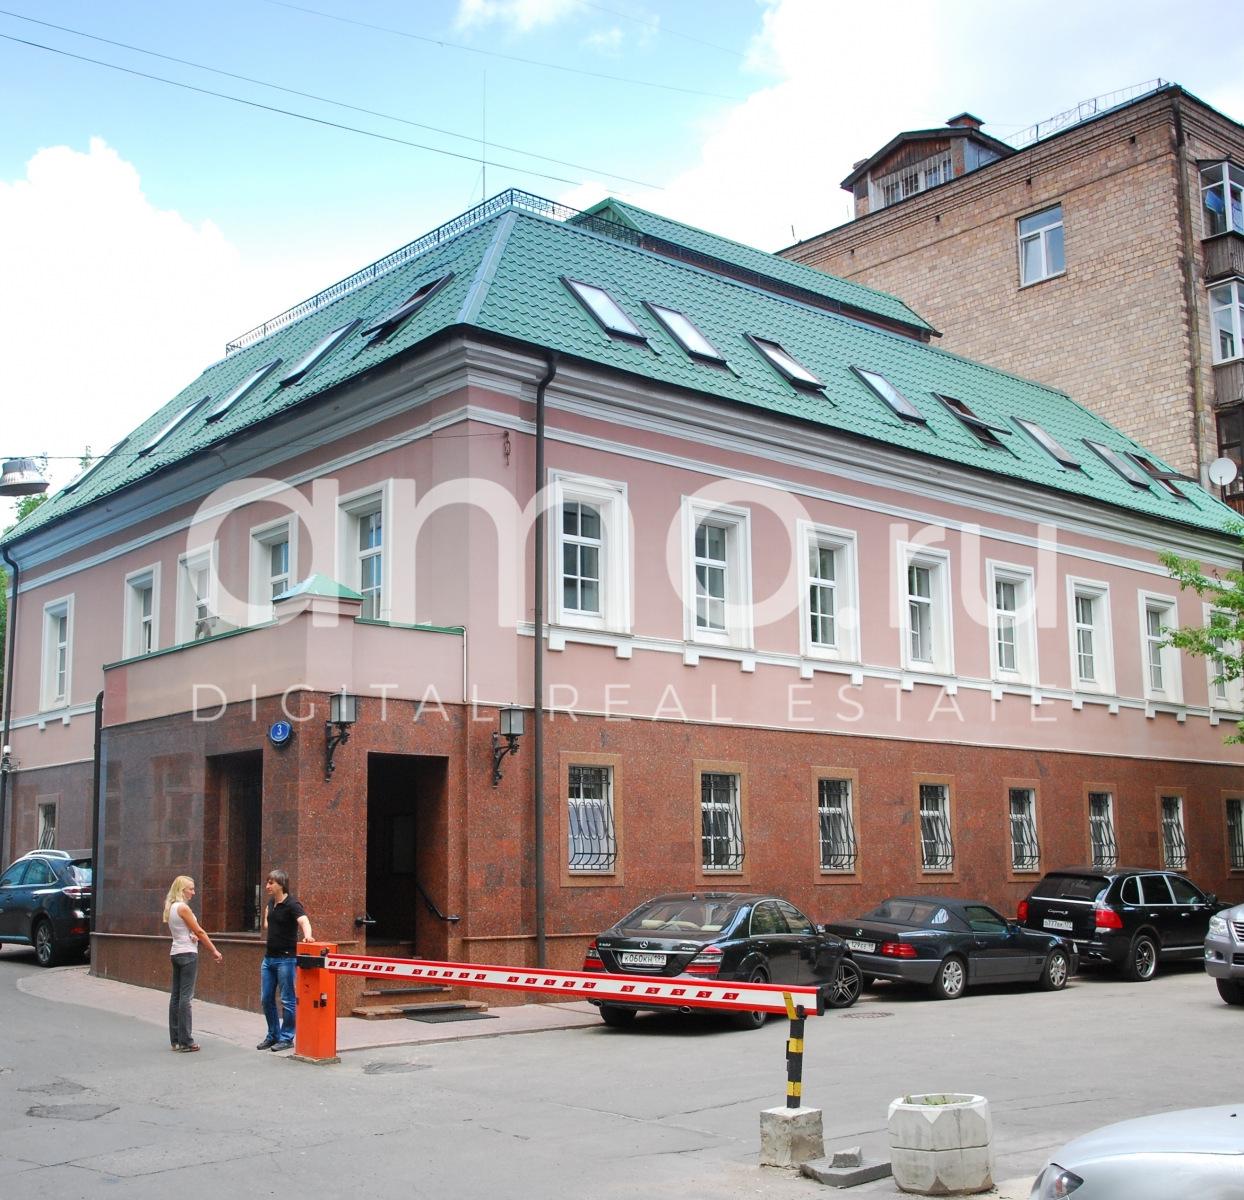 Поиск помещения под офис Хлыновский тупик сайт поиска помещений под офис Флотская улица